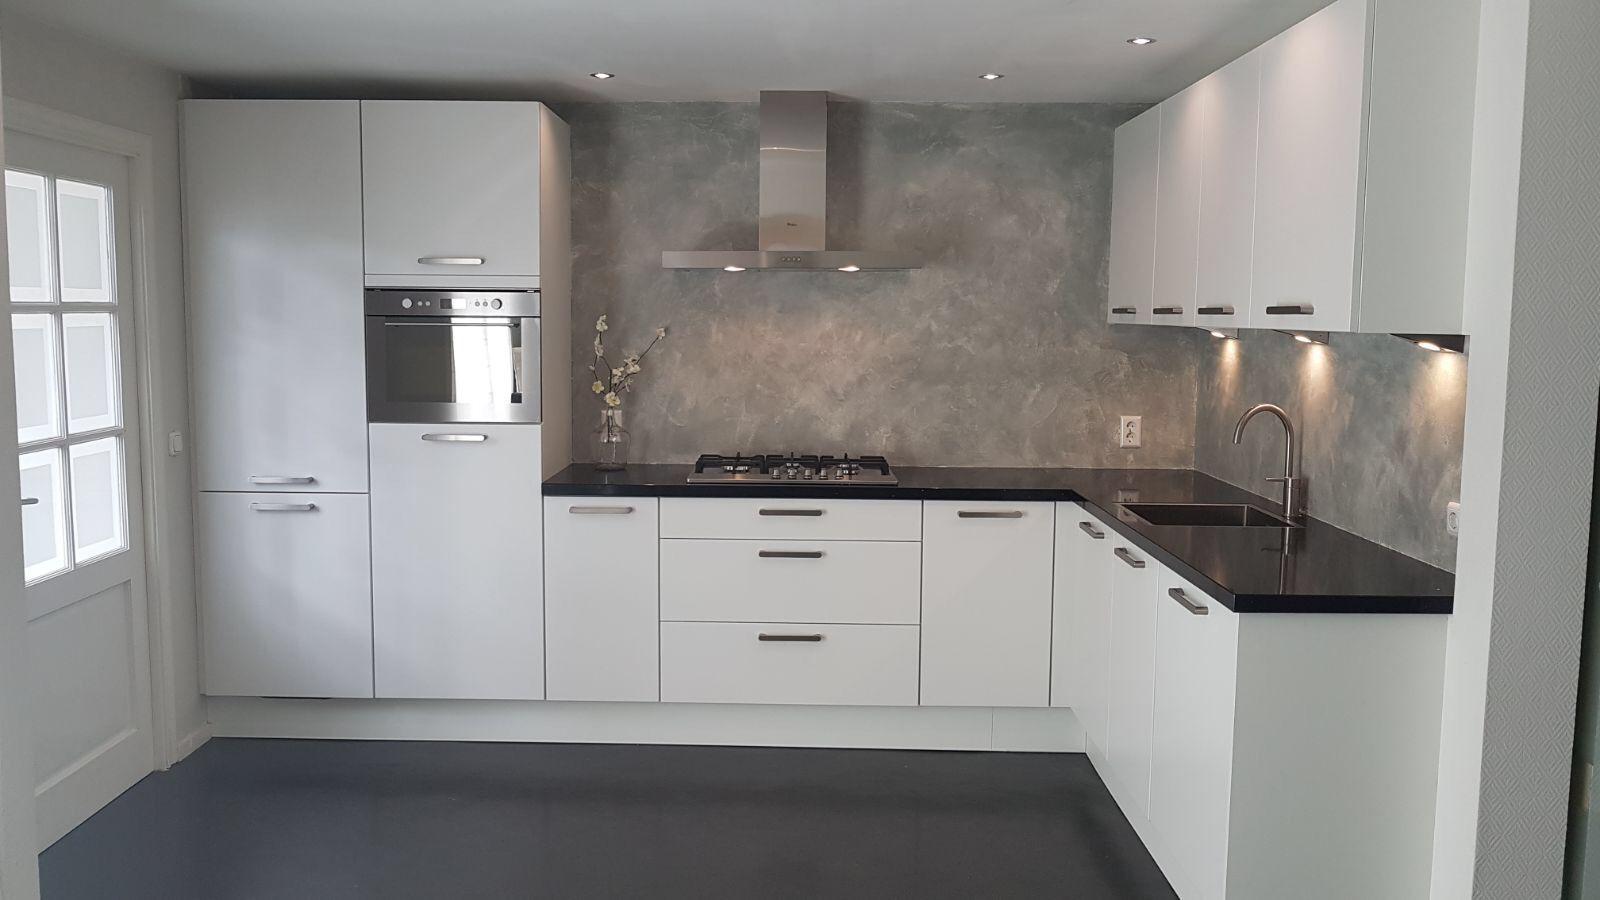 Achterwand Keuken Taupe : Zwart witte keuken met betonlook achterwand en keukenblad van